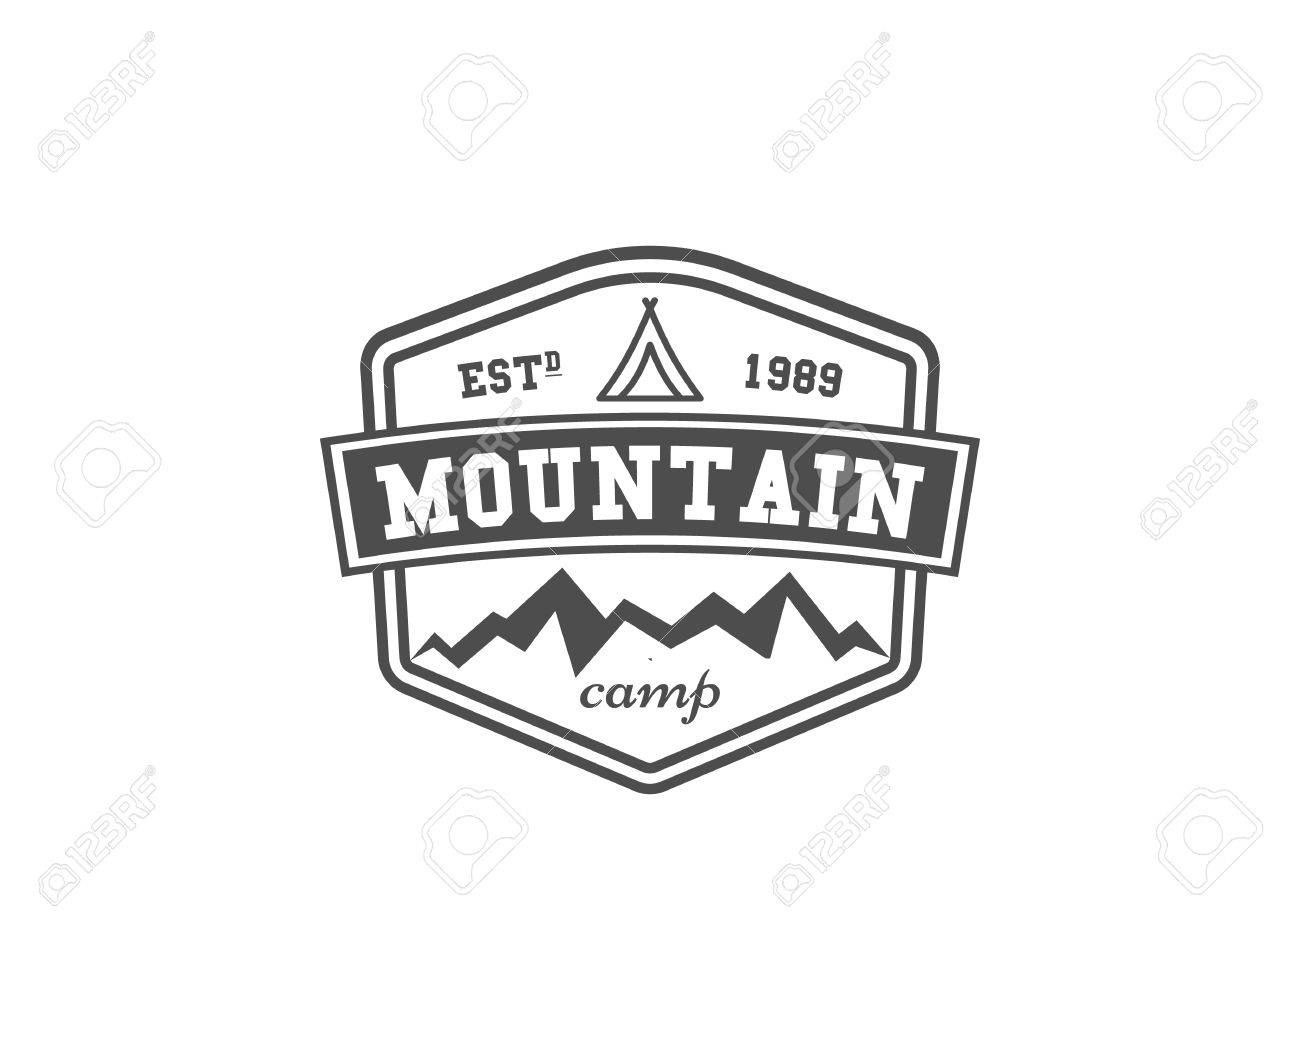 Retro Montagne Le Camping Insigne Embleme Et L Etiquette Notion D